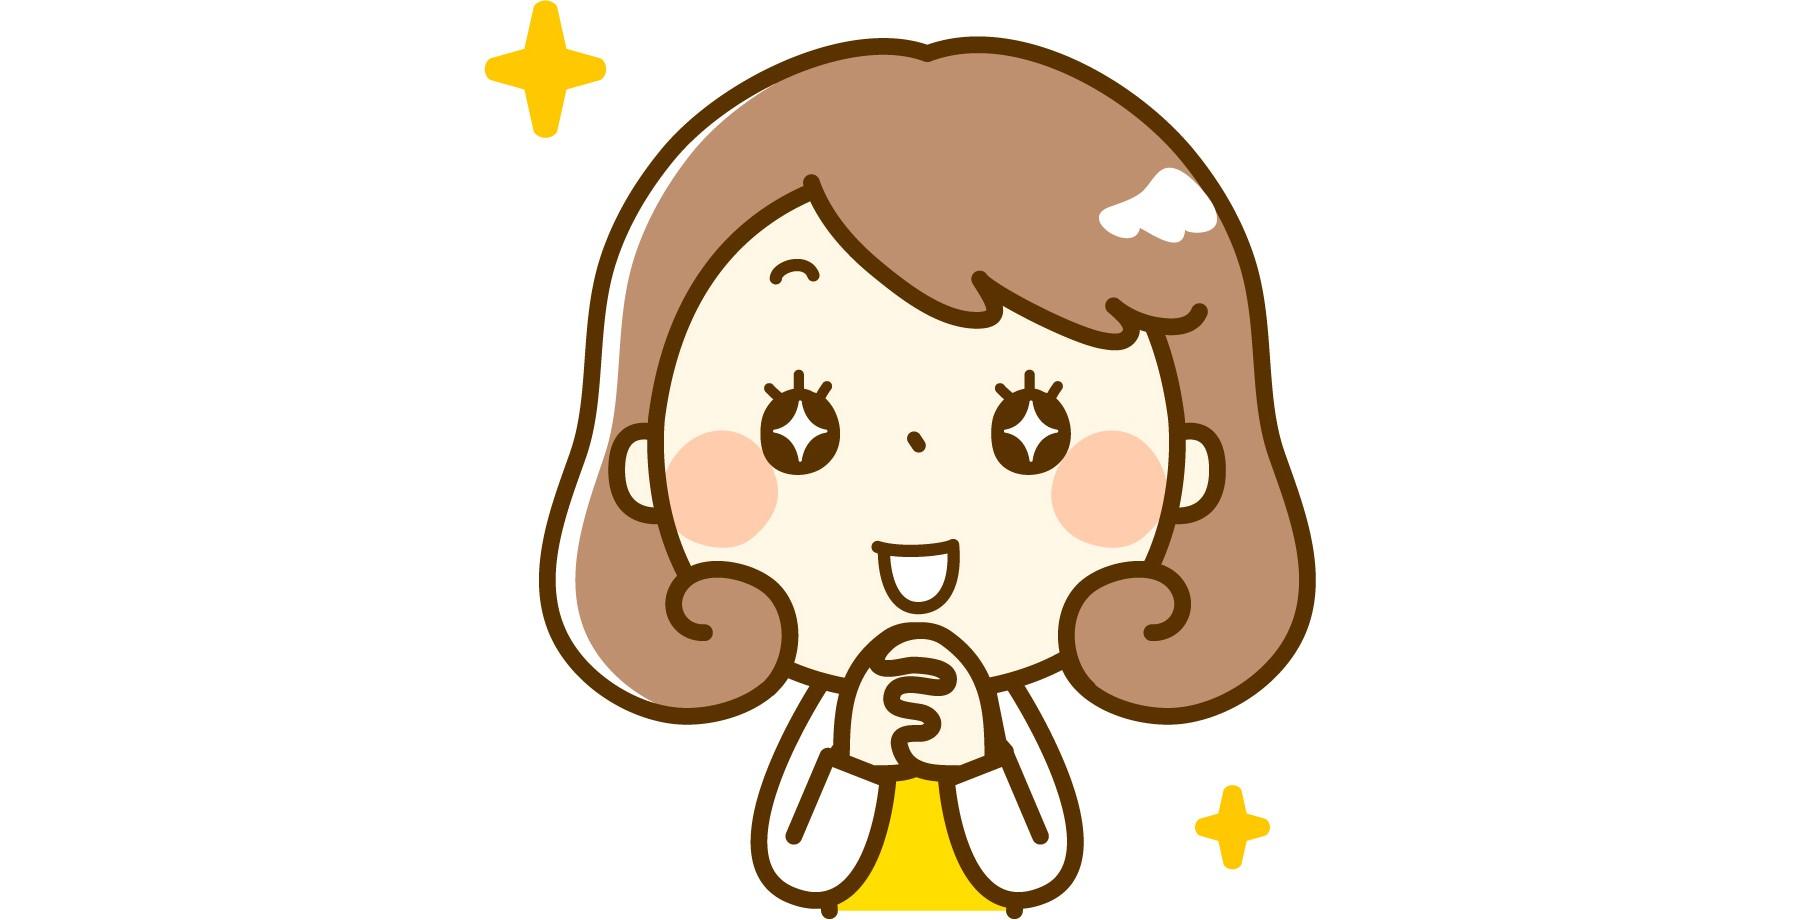 リカちゃん人形の髪を綺麗に染める方法!